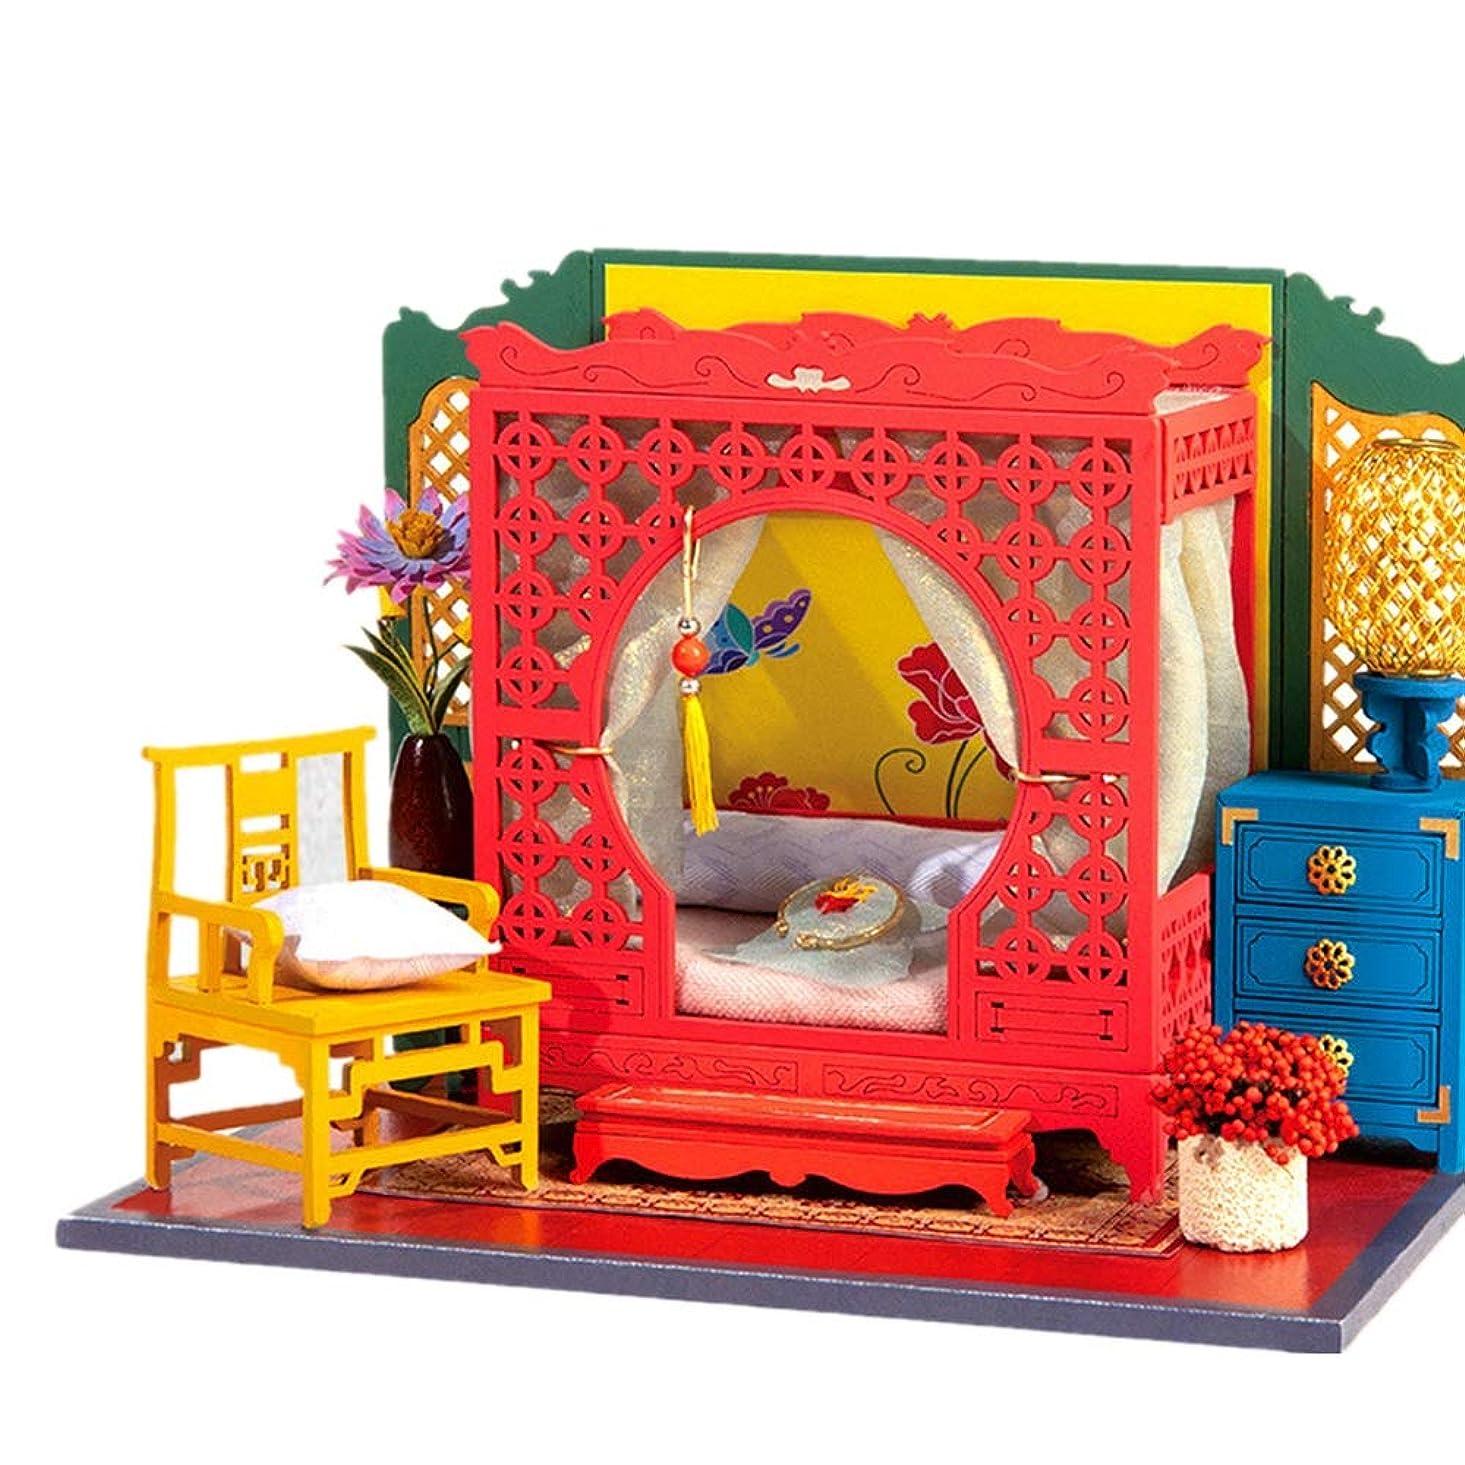 ショット船員ヘッジDIYドールハウス 家具とDIY木製ドールハウス手づくりのミニチュアキット3Dアンティークコテージモデル DIY 模型 (Color : As picture, Size : 17x13x13cm)